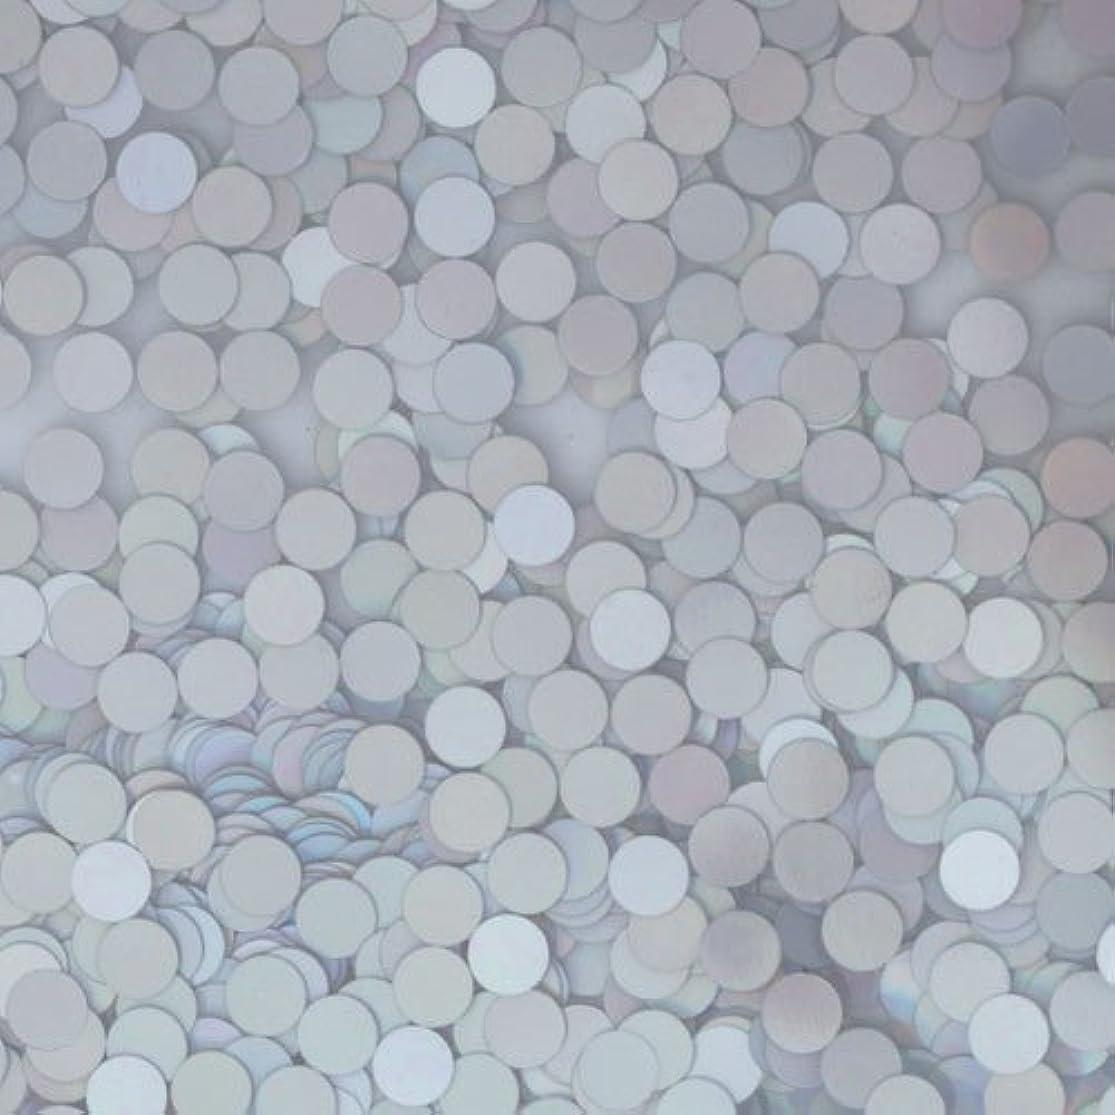 灌漑一次日記ピカエース ネイル用パウダー ピカエース 丸ホロ 1.5mm #883 マットシルバー 0.5g アート材